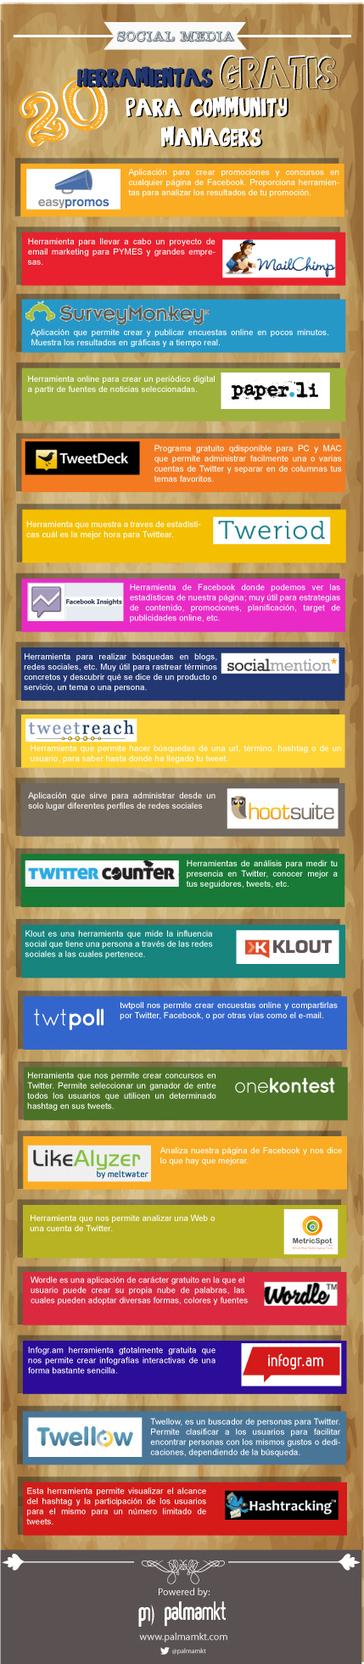 20 herramientas gratuitas para Community Manager #infografia #infographic #socialmedia | TICs | Scoop.it